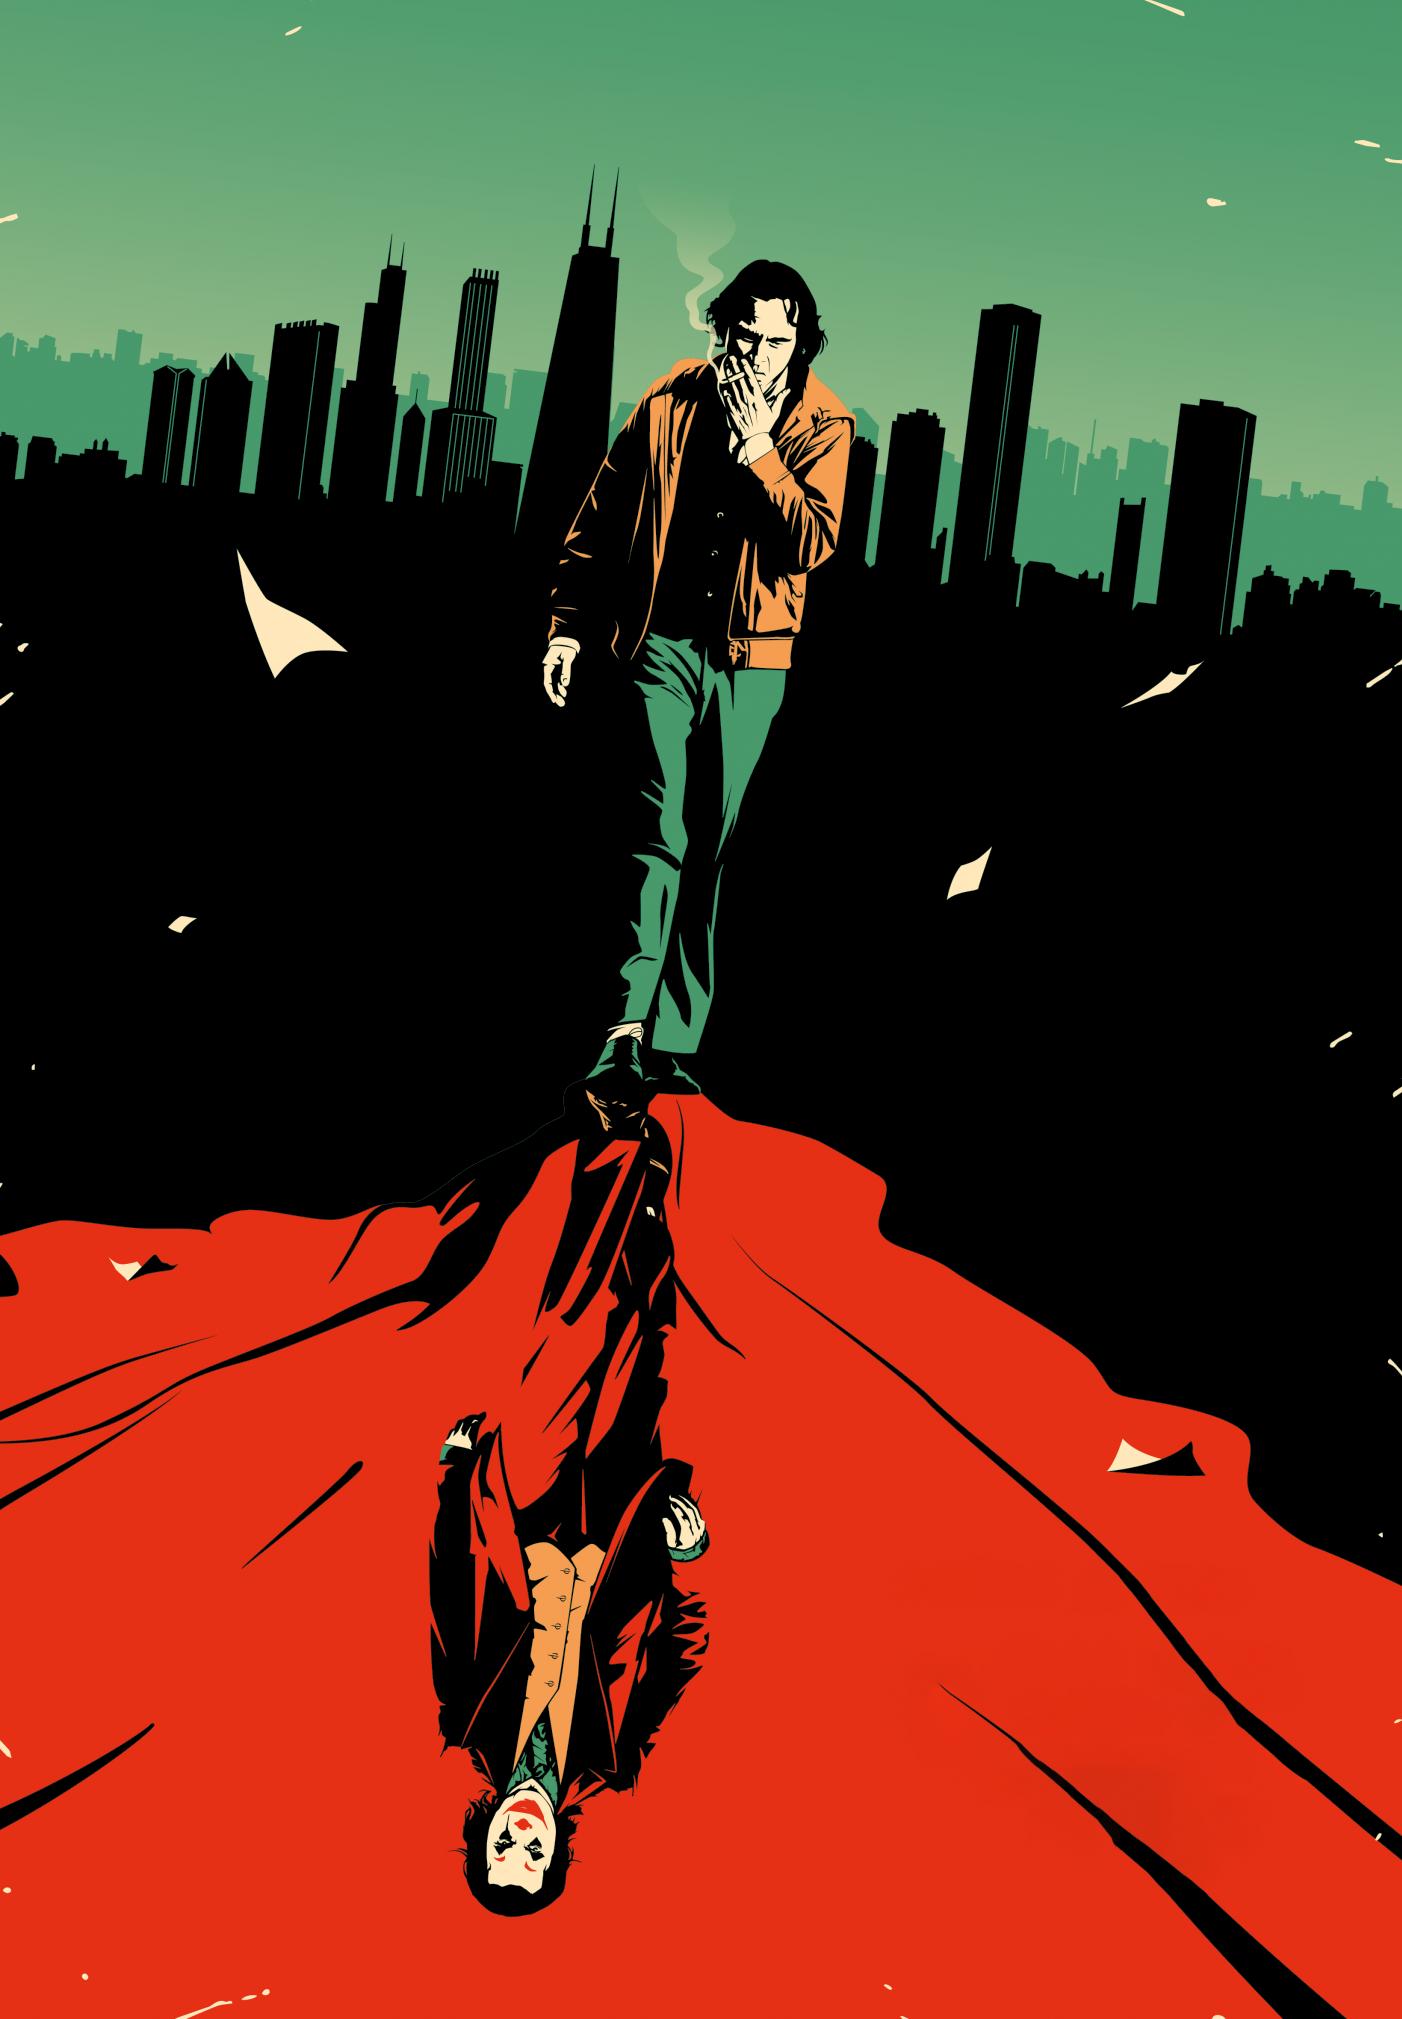 Iphone 11 Pro Green Wallpaper Joker Joker 2019 Art Poster 711x1024 Download Hd Wallpaper Wallpapertip